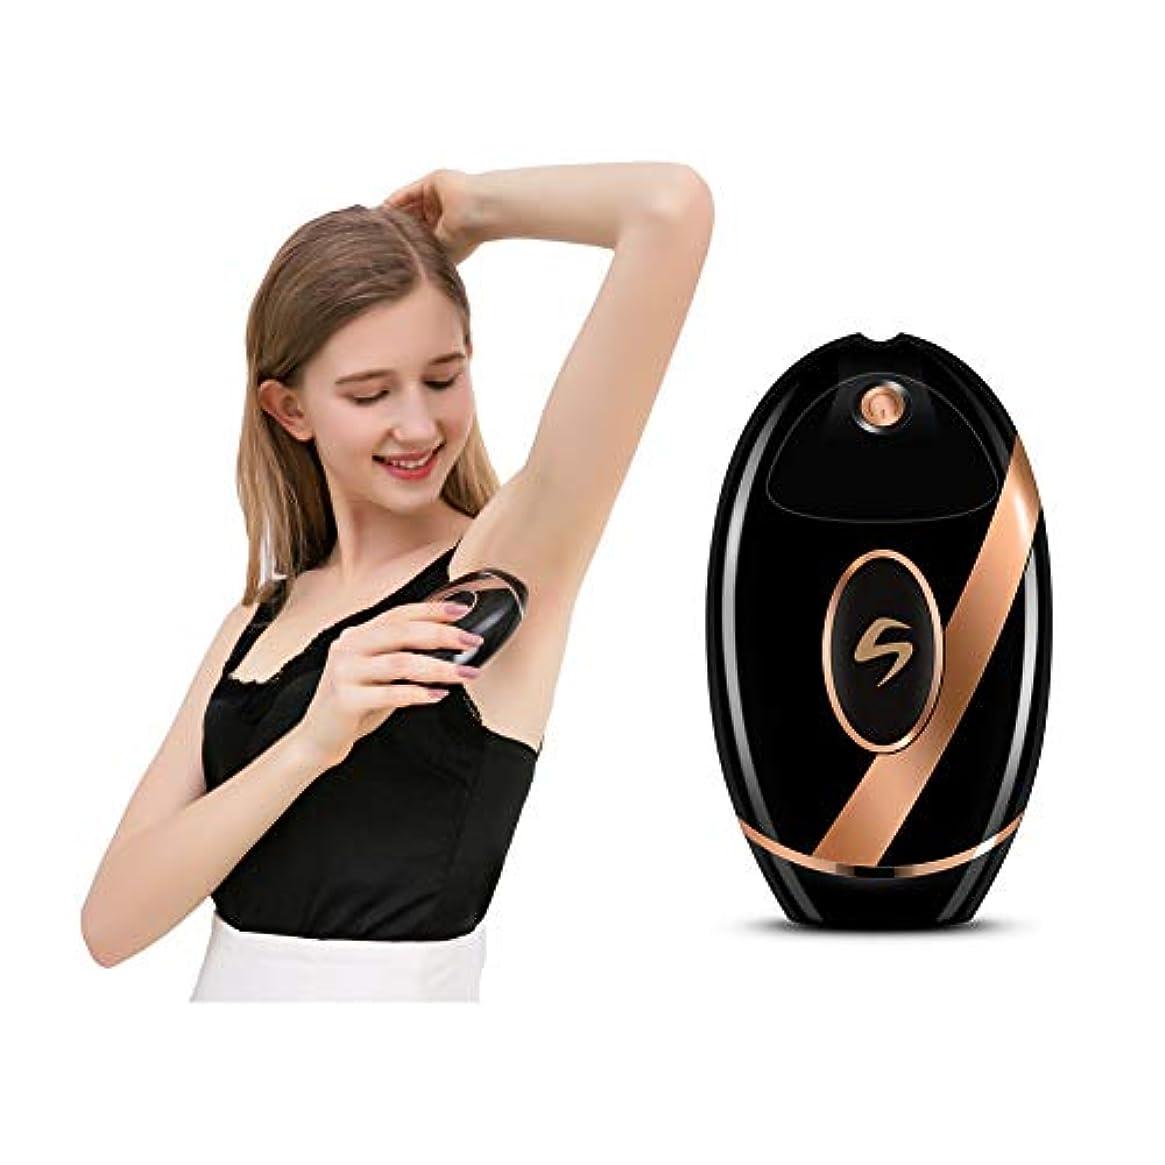 カナダバージン蘇生する脱毛システム、350,000点滅家庭での顔と体の永久的な脱毛装置、レディースシェーバー、メガネ付き